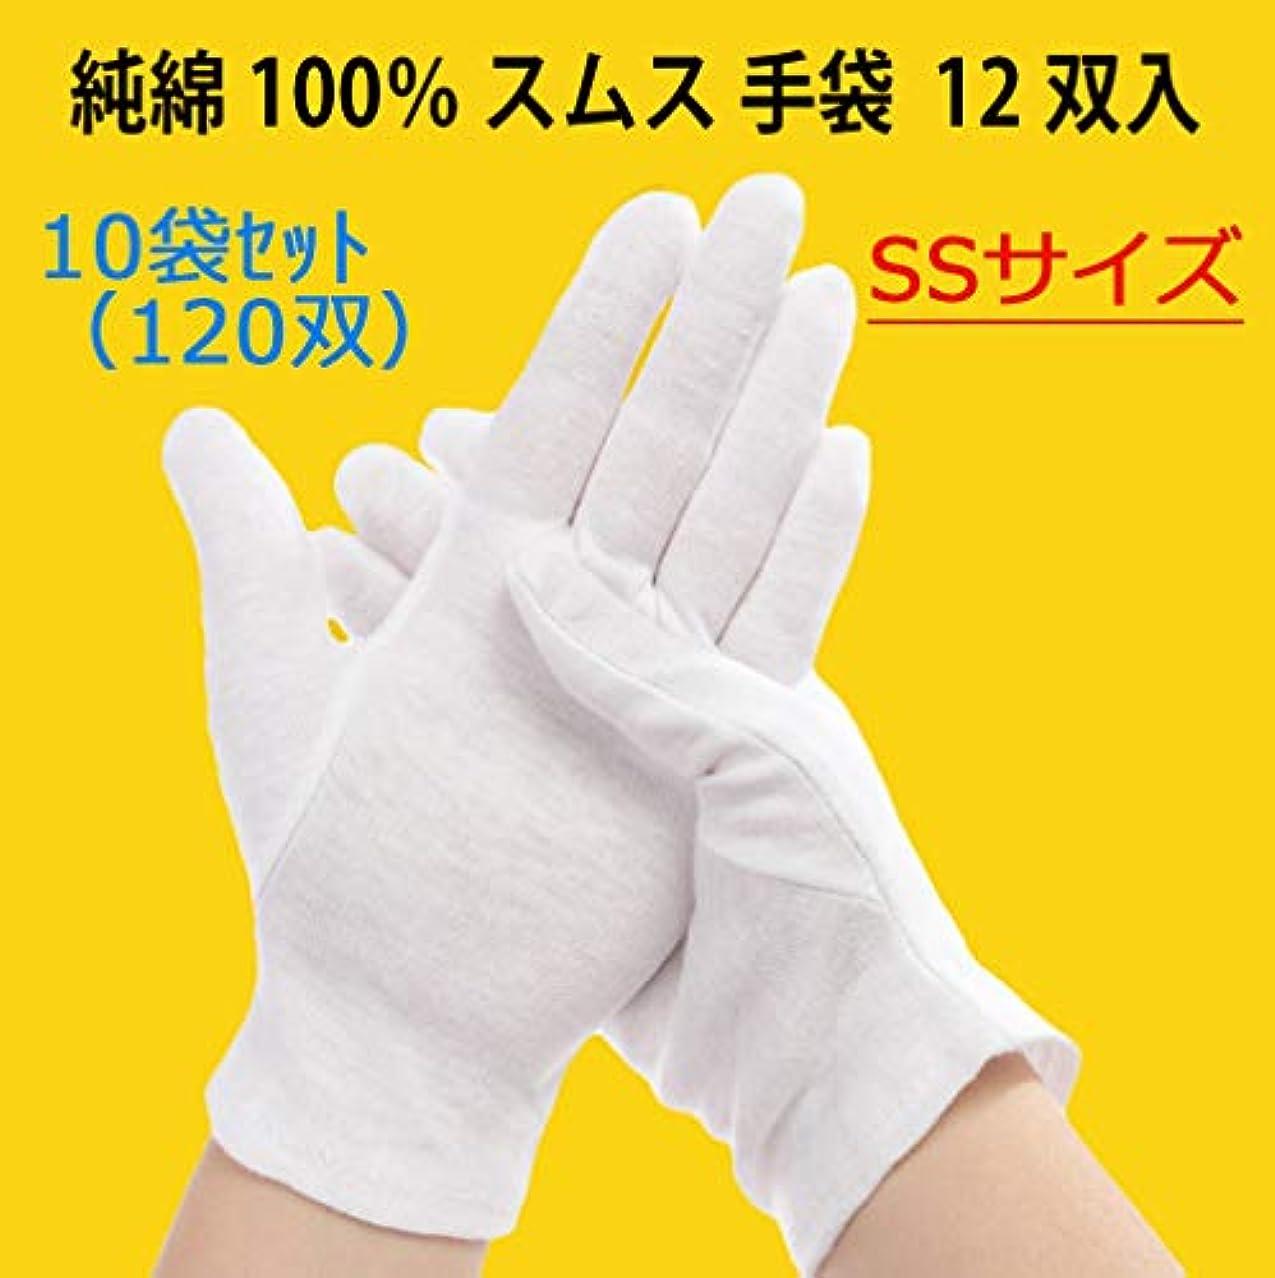 反応する雹勝者【お得なセット商品】(120双) 純綿100% スムス 手袋 SSサイズ 12双入 子供?女性に最適 多用途 (10袋)